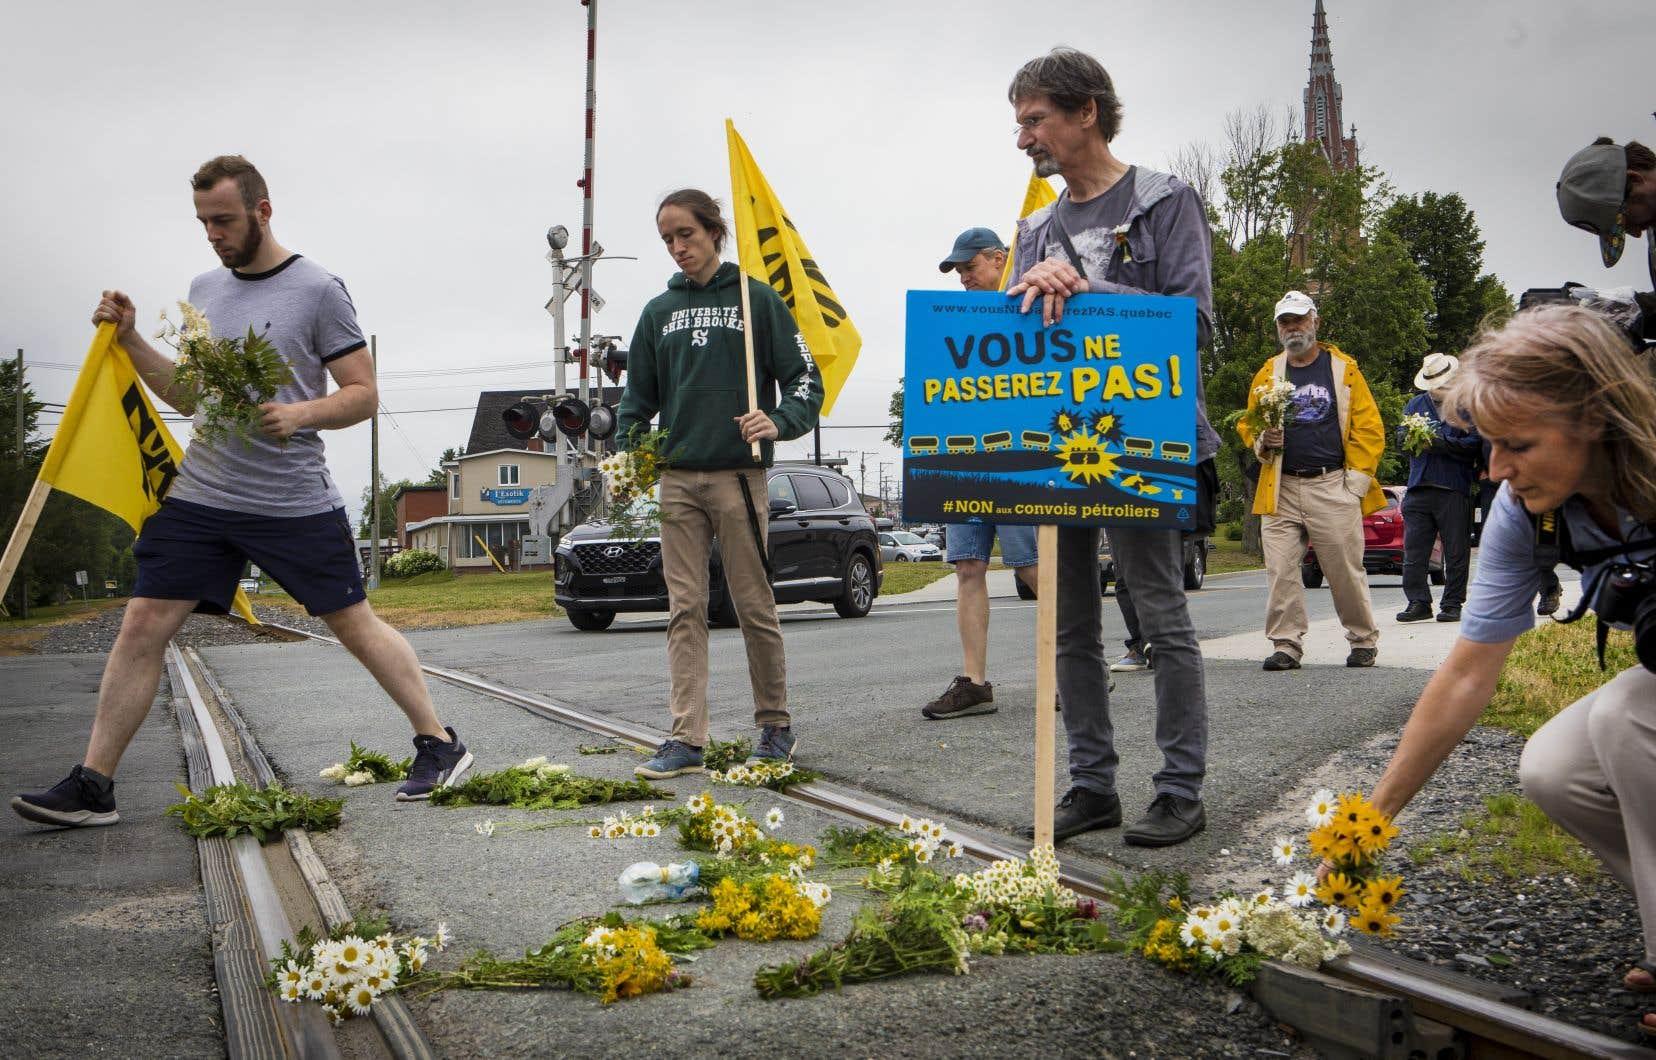 Les manifestants ont souligné la mémoire des victimes en déposant des fleurs sur les rails.